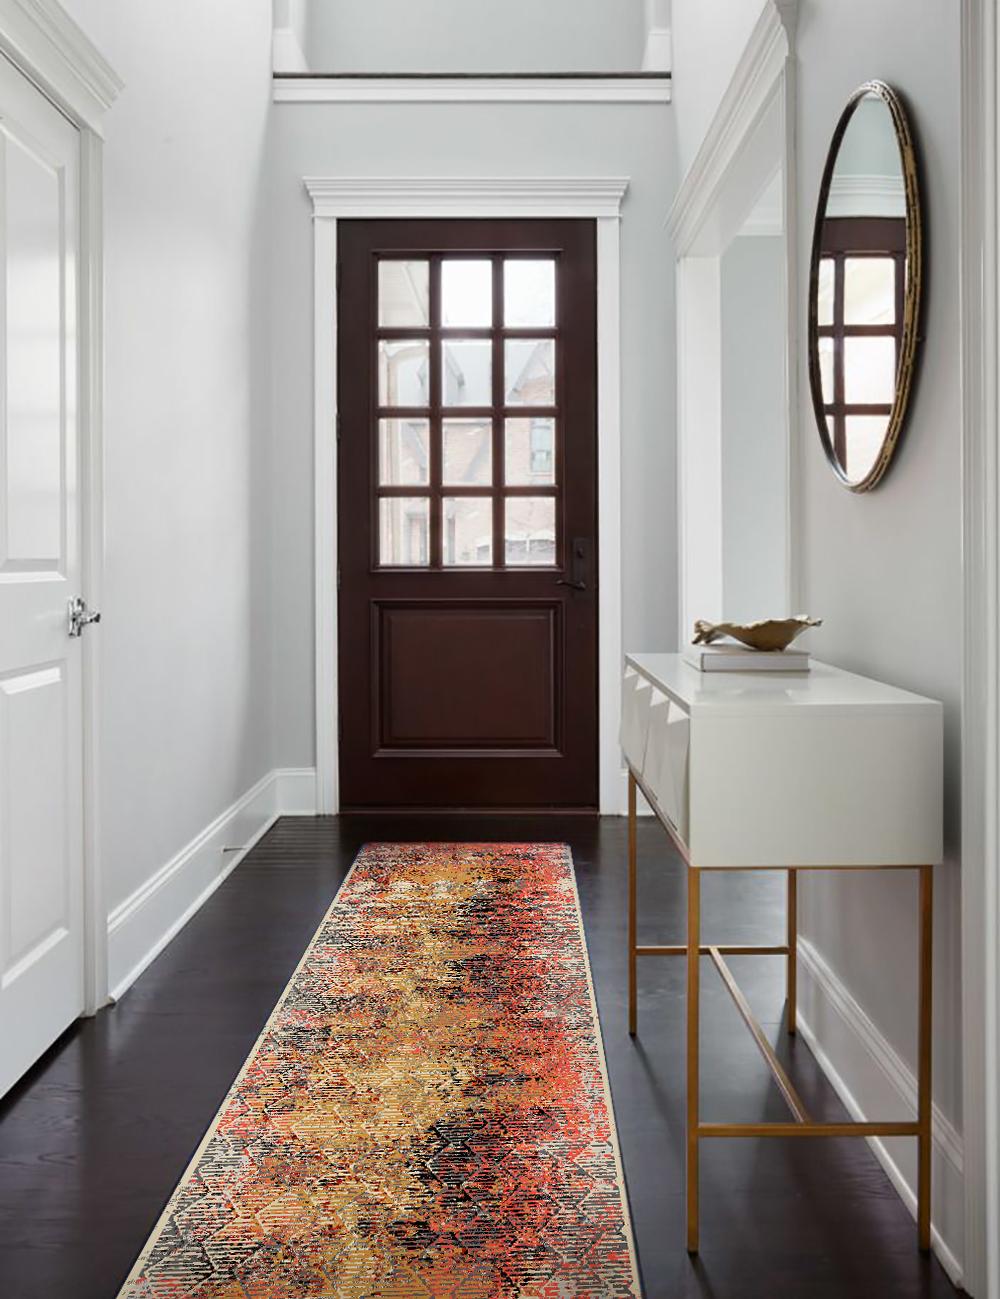 سایز مناسب فرش برای راهرو-فرش بهشتی